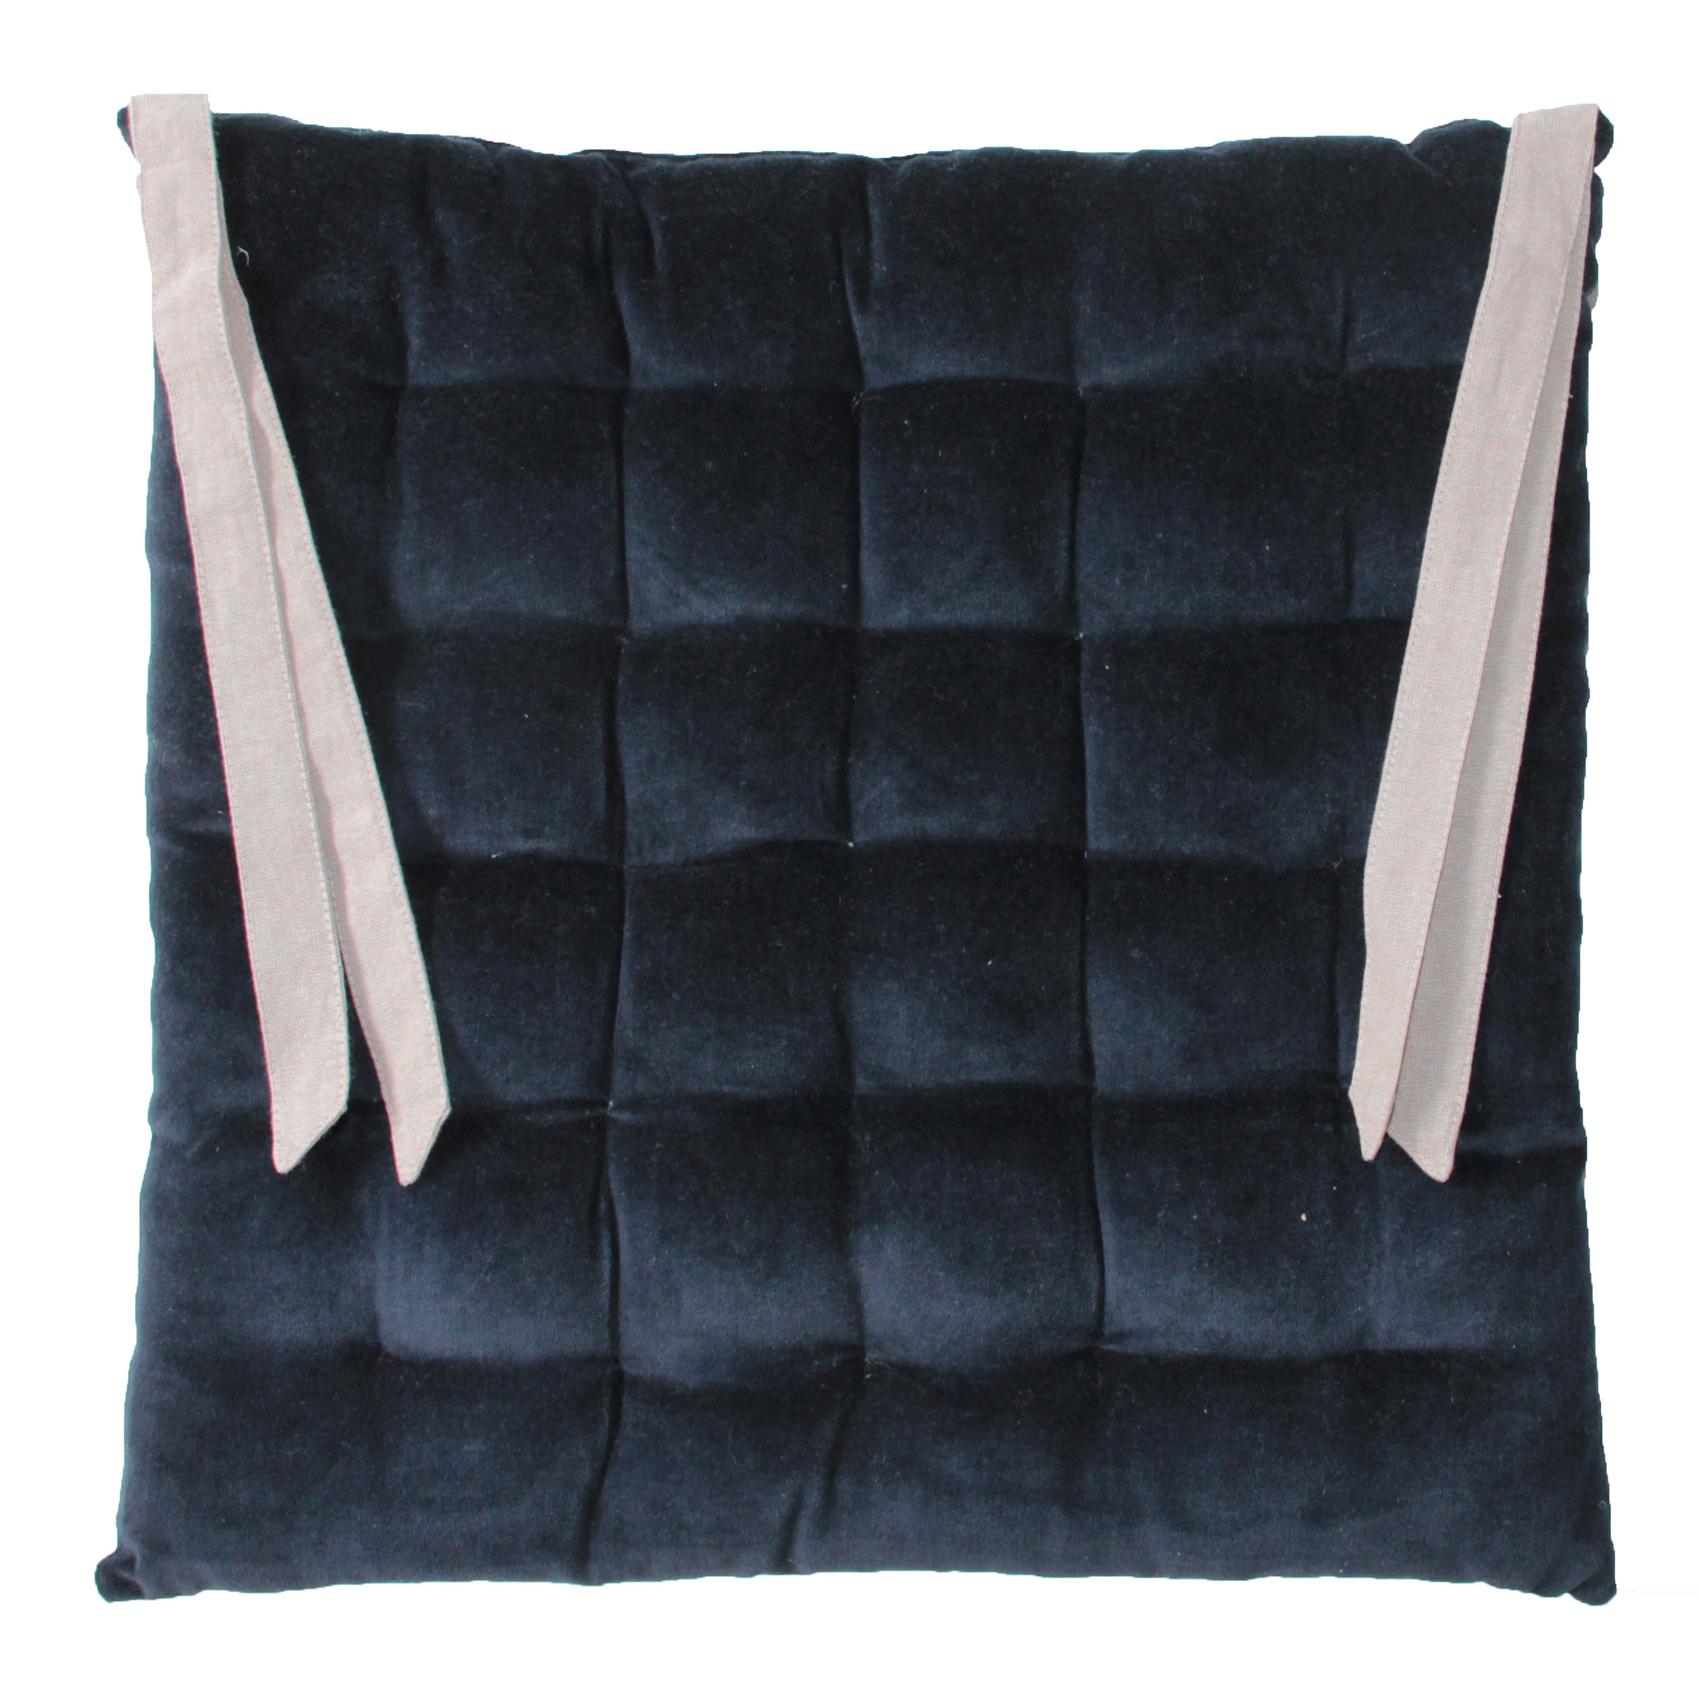 Galette de chaise en velours bleu 40x40